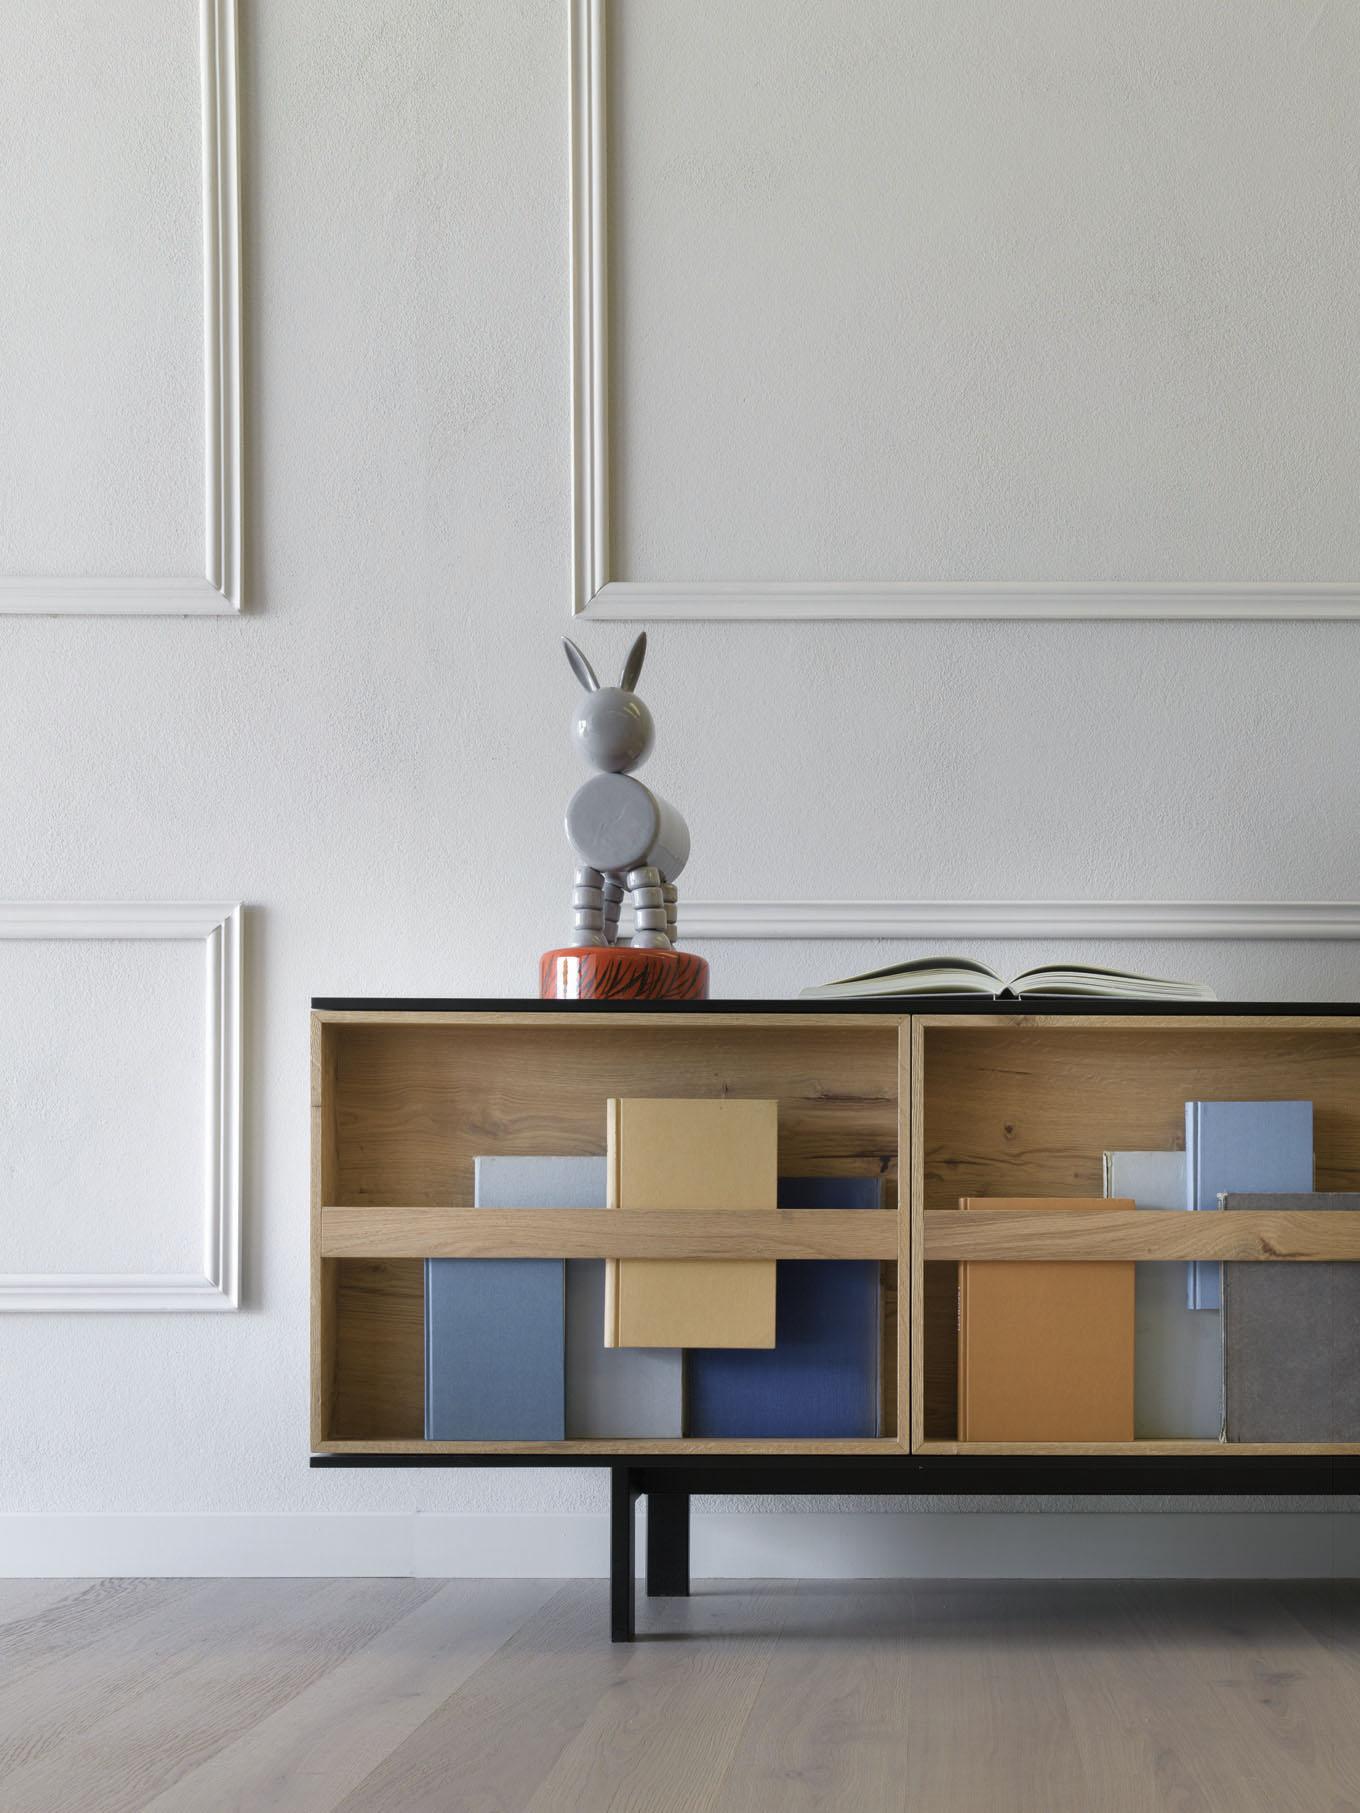 Rambla | cupboard designed for mininforms | by e-ggs